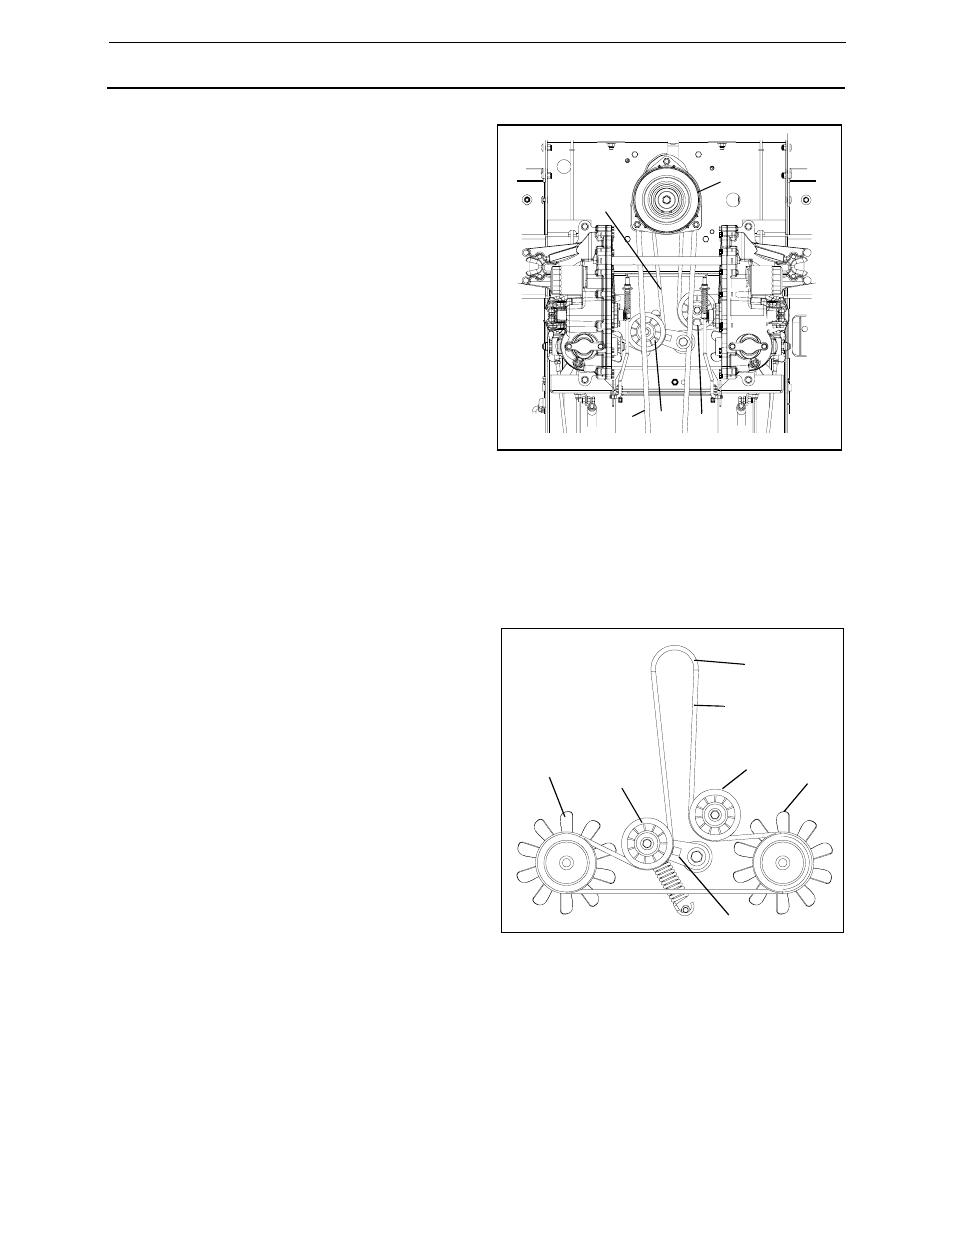 medium resolution of maintenance yazoo kees zekw42170 user manual page 47 80 chevrolet serpentine belt diagrams yazoo belt diagram